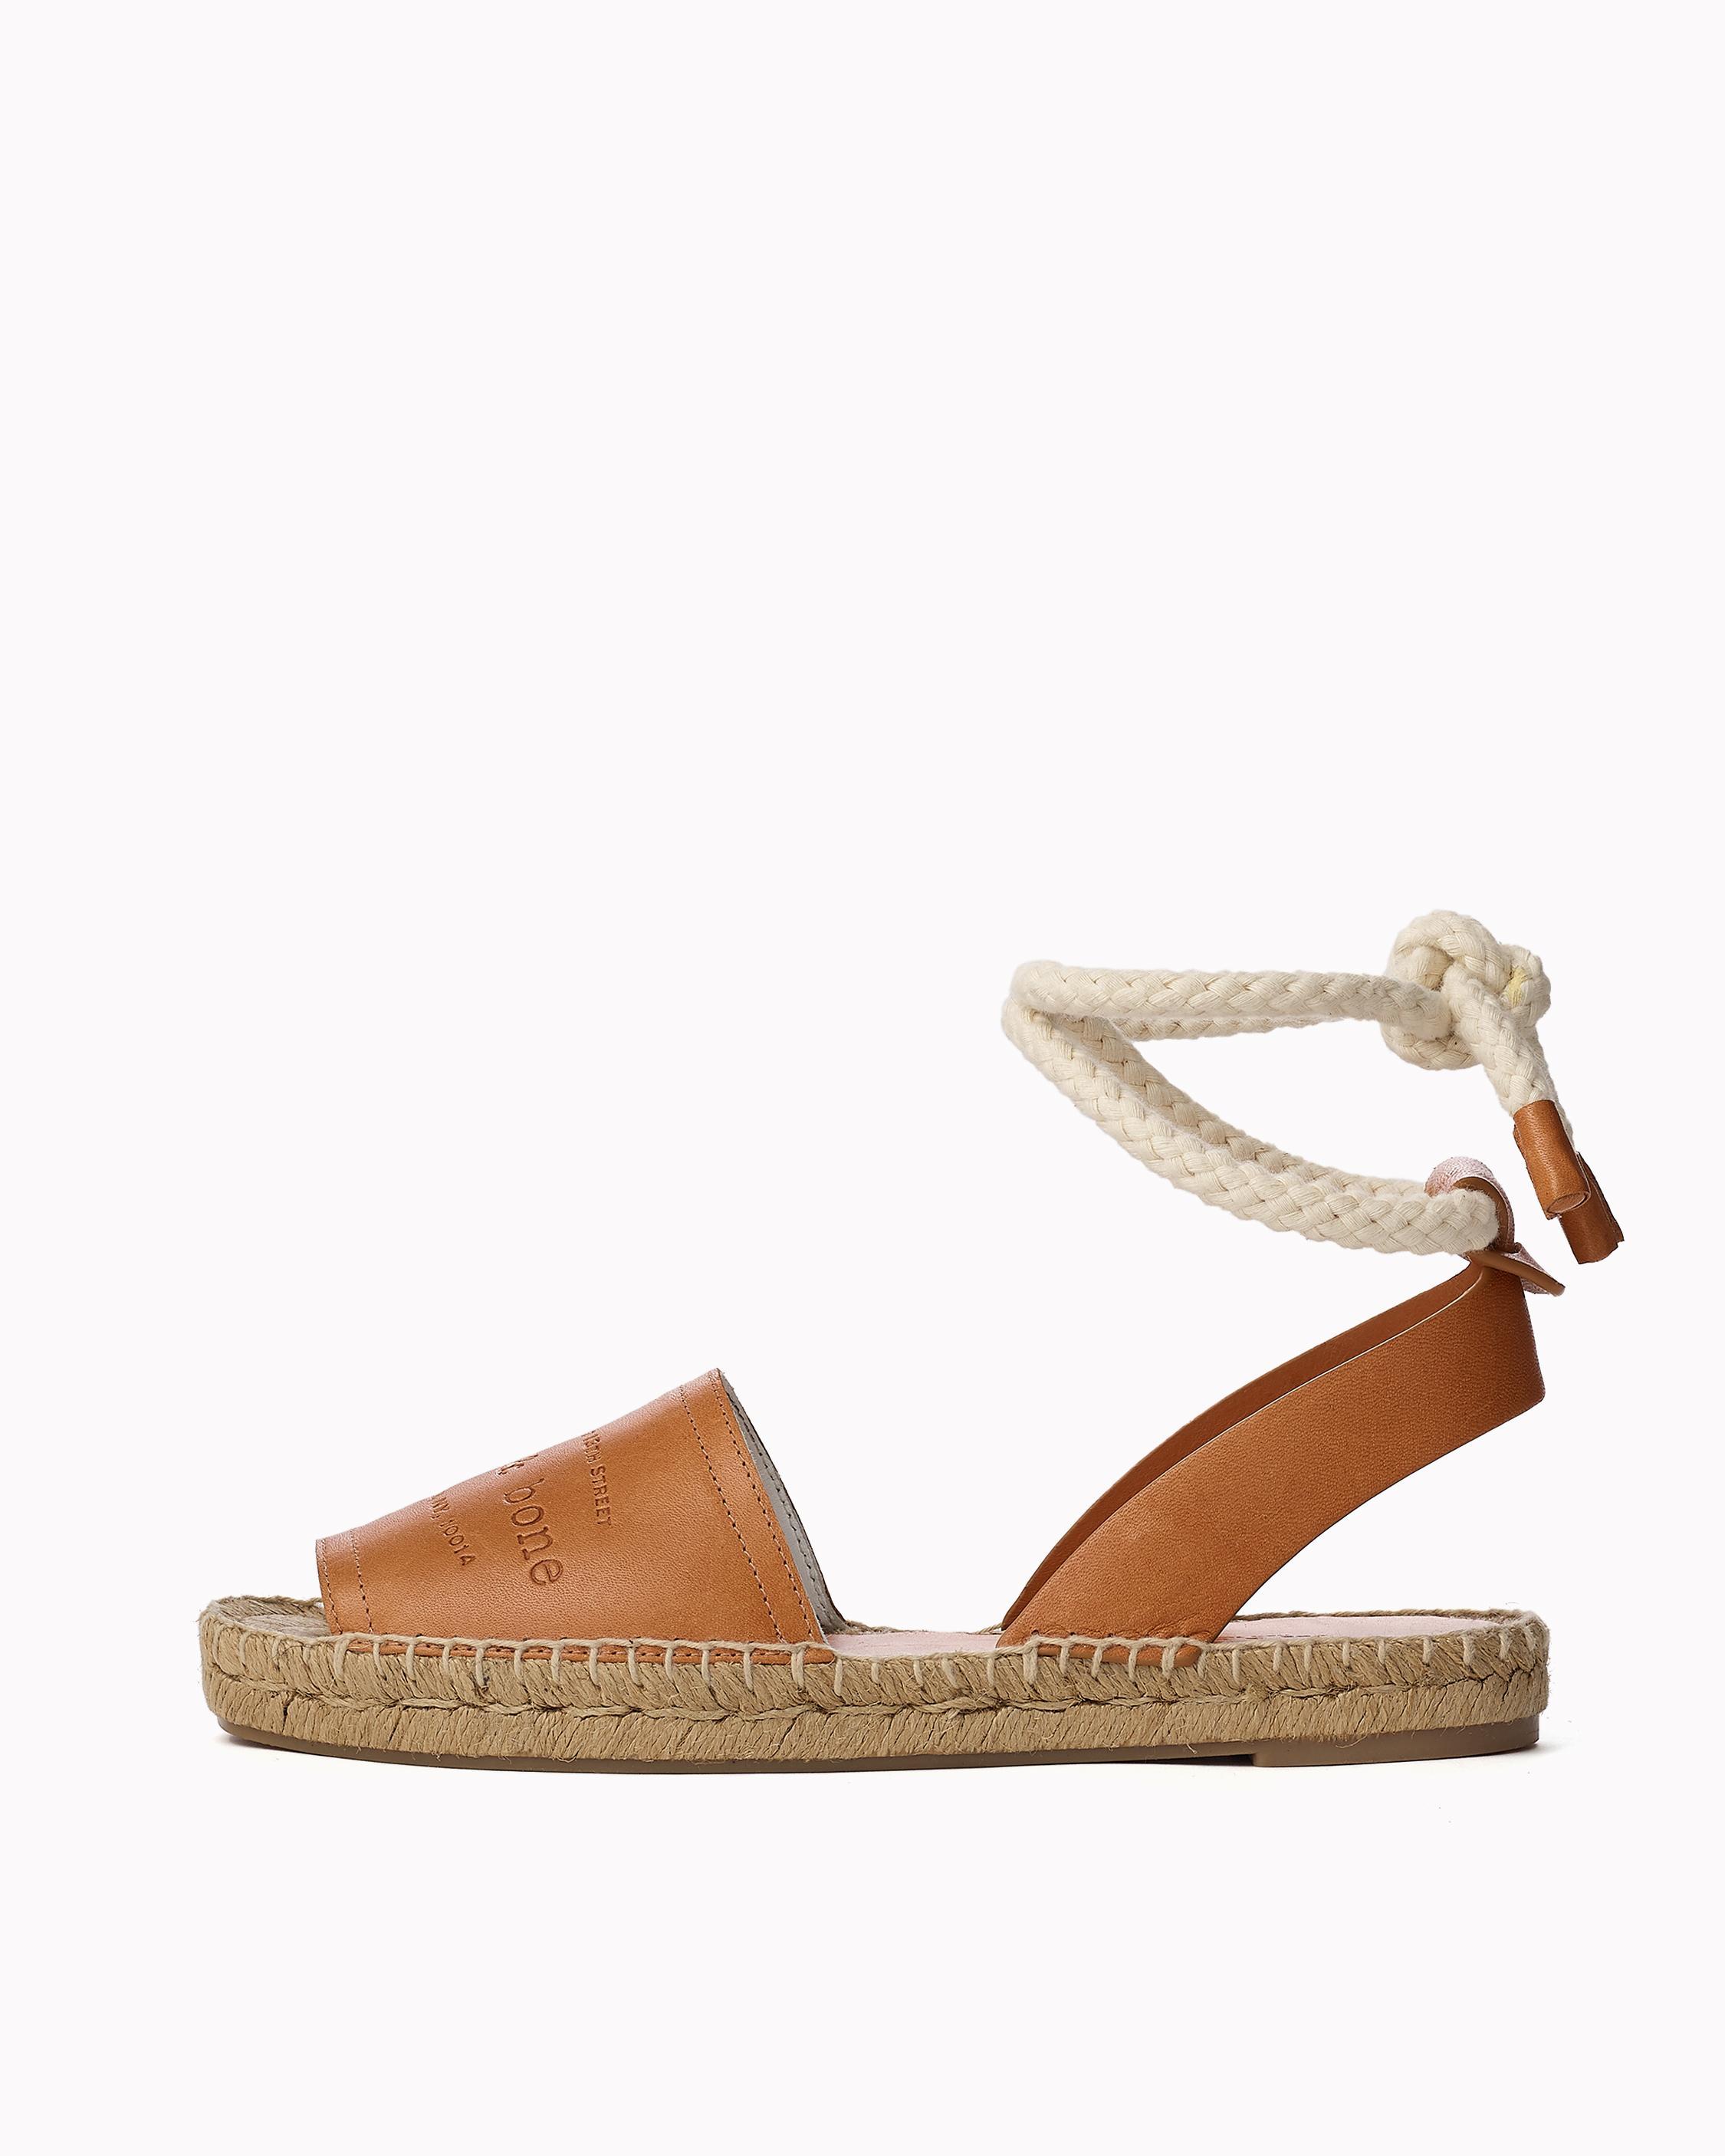 9b9c4eed086 Estelle | Women Footwear | rag & bone